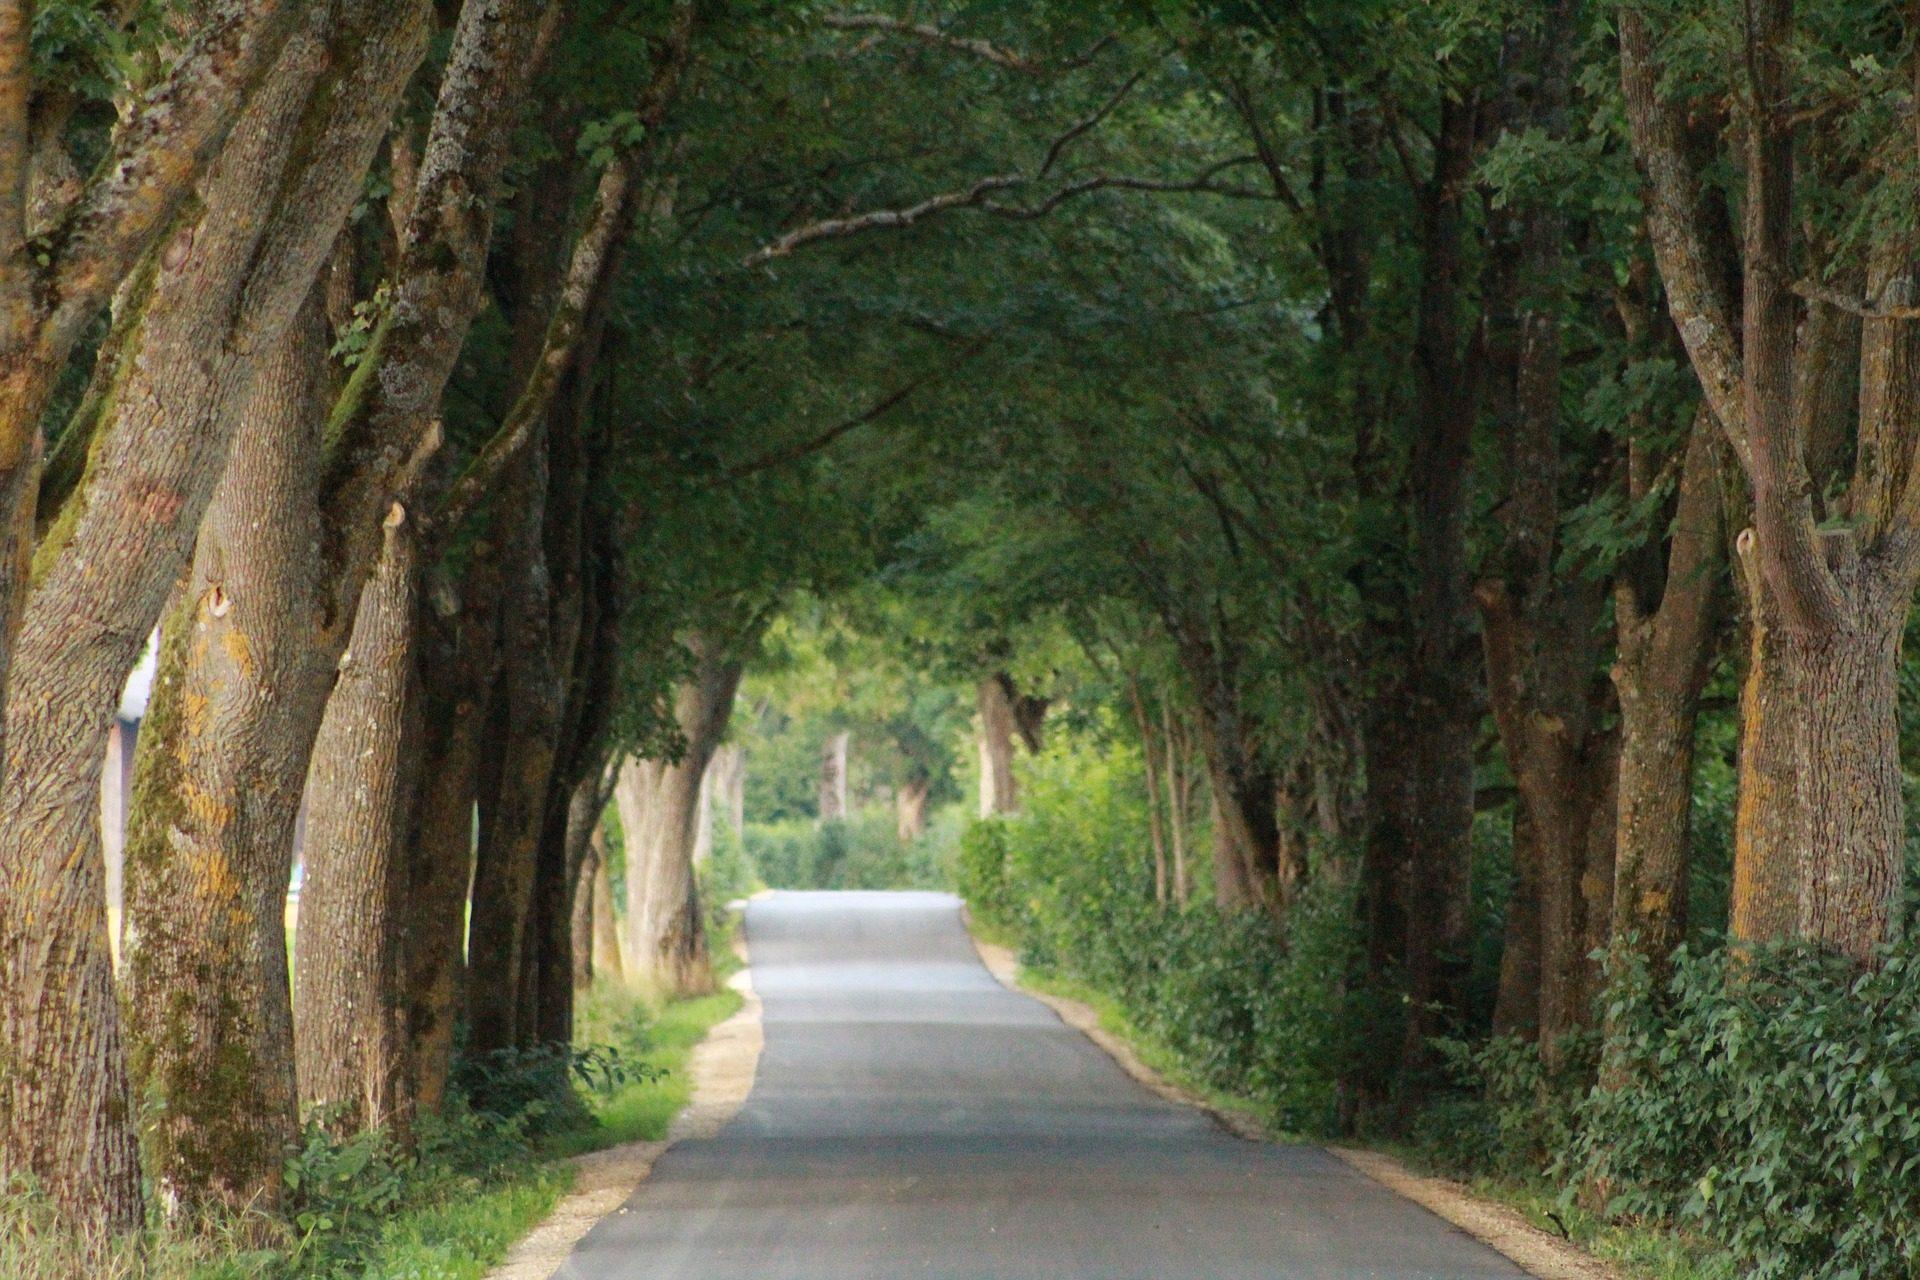 carretera, Δρόμου, πέρασμα, δέντρα, ζιζανίων, βλάστηση - Wallpapers HD - Professor-falken.com